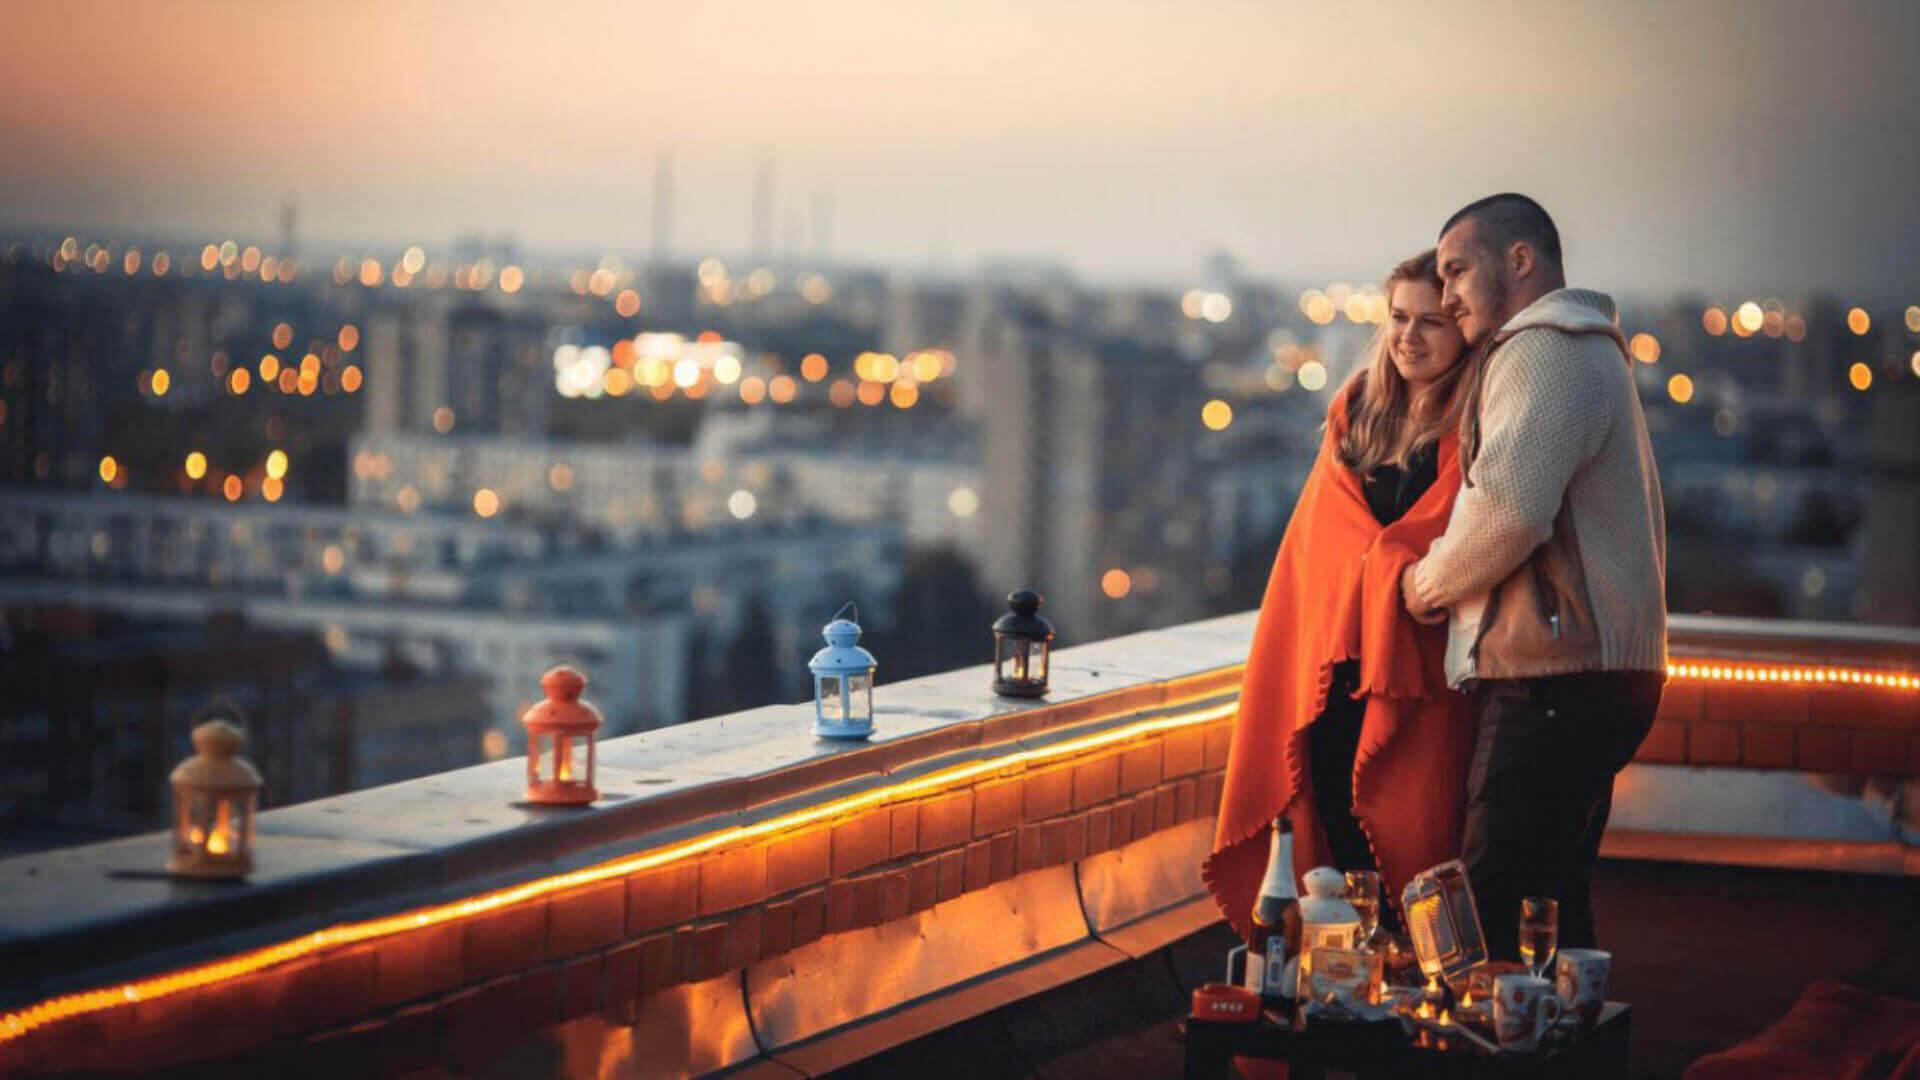 Оригинальное свидание - несколько хороших идей